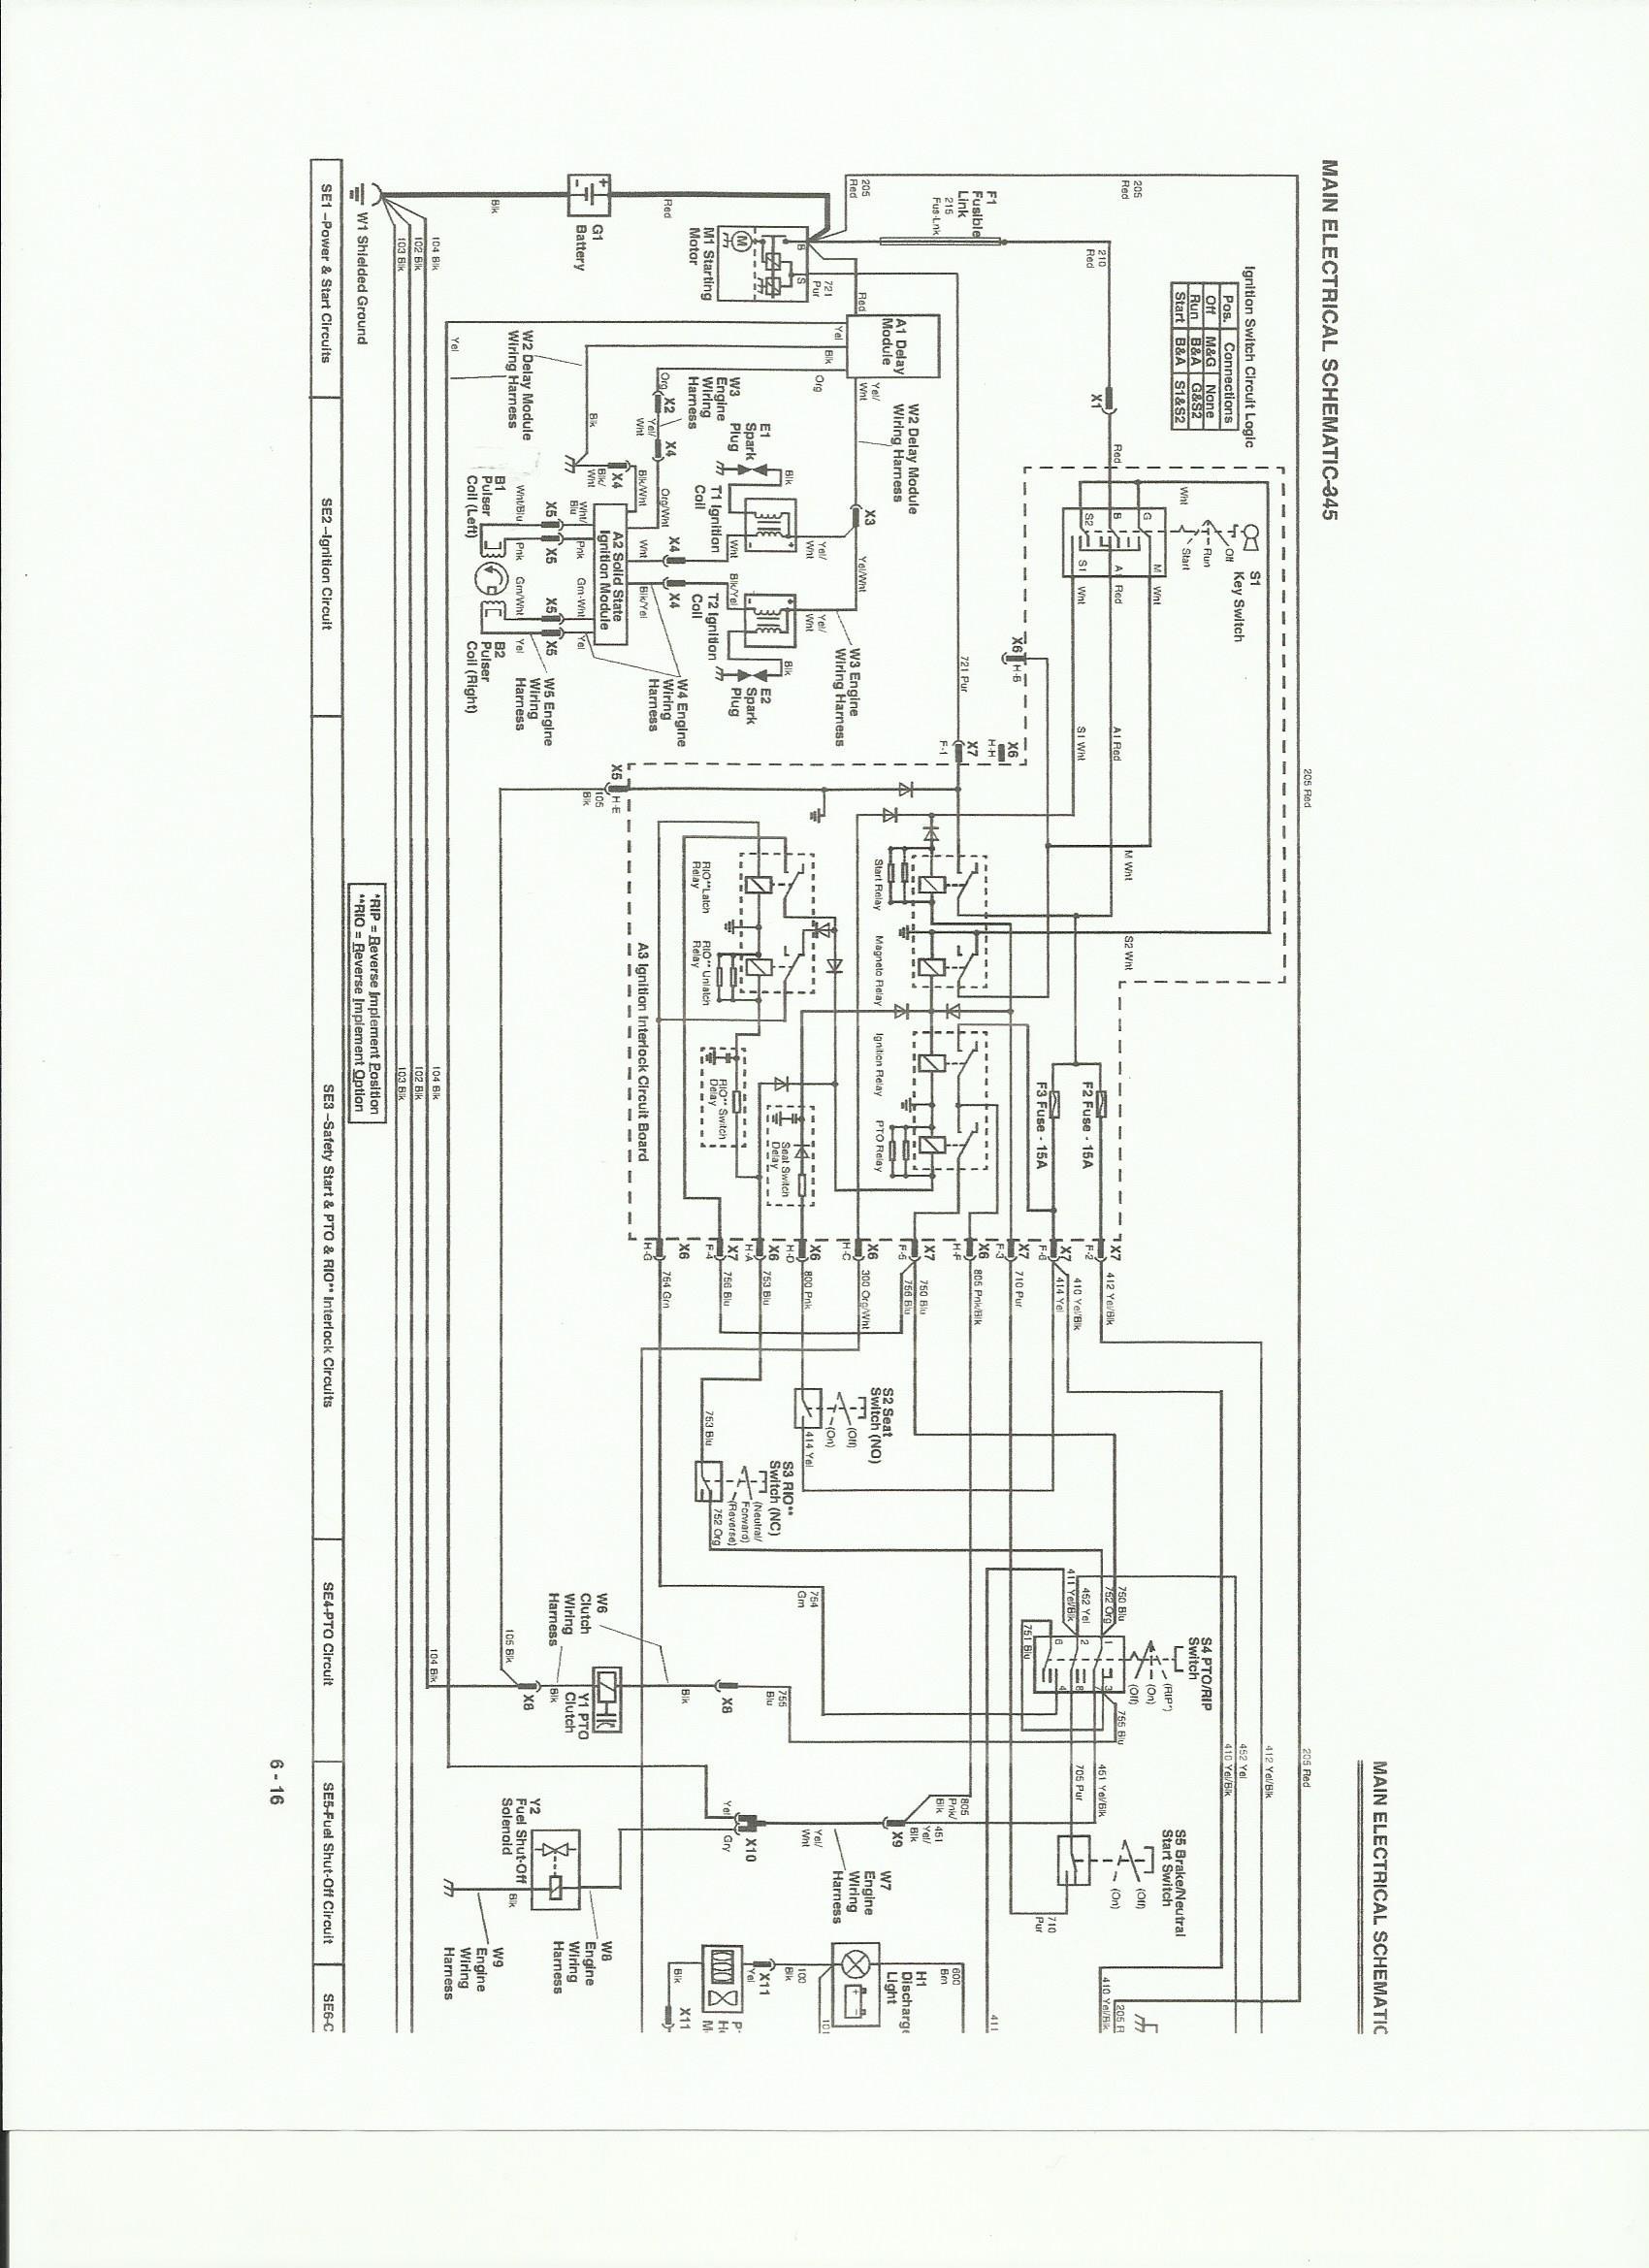 Jd 345 Wiring Diagram - Wiring Schematics Jd Wiring Diagram on